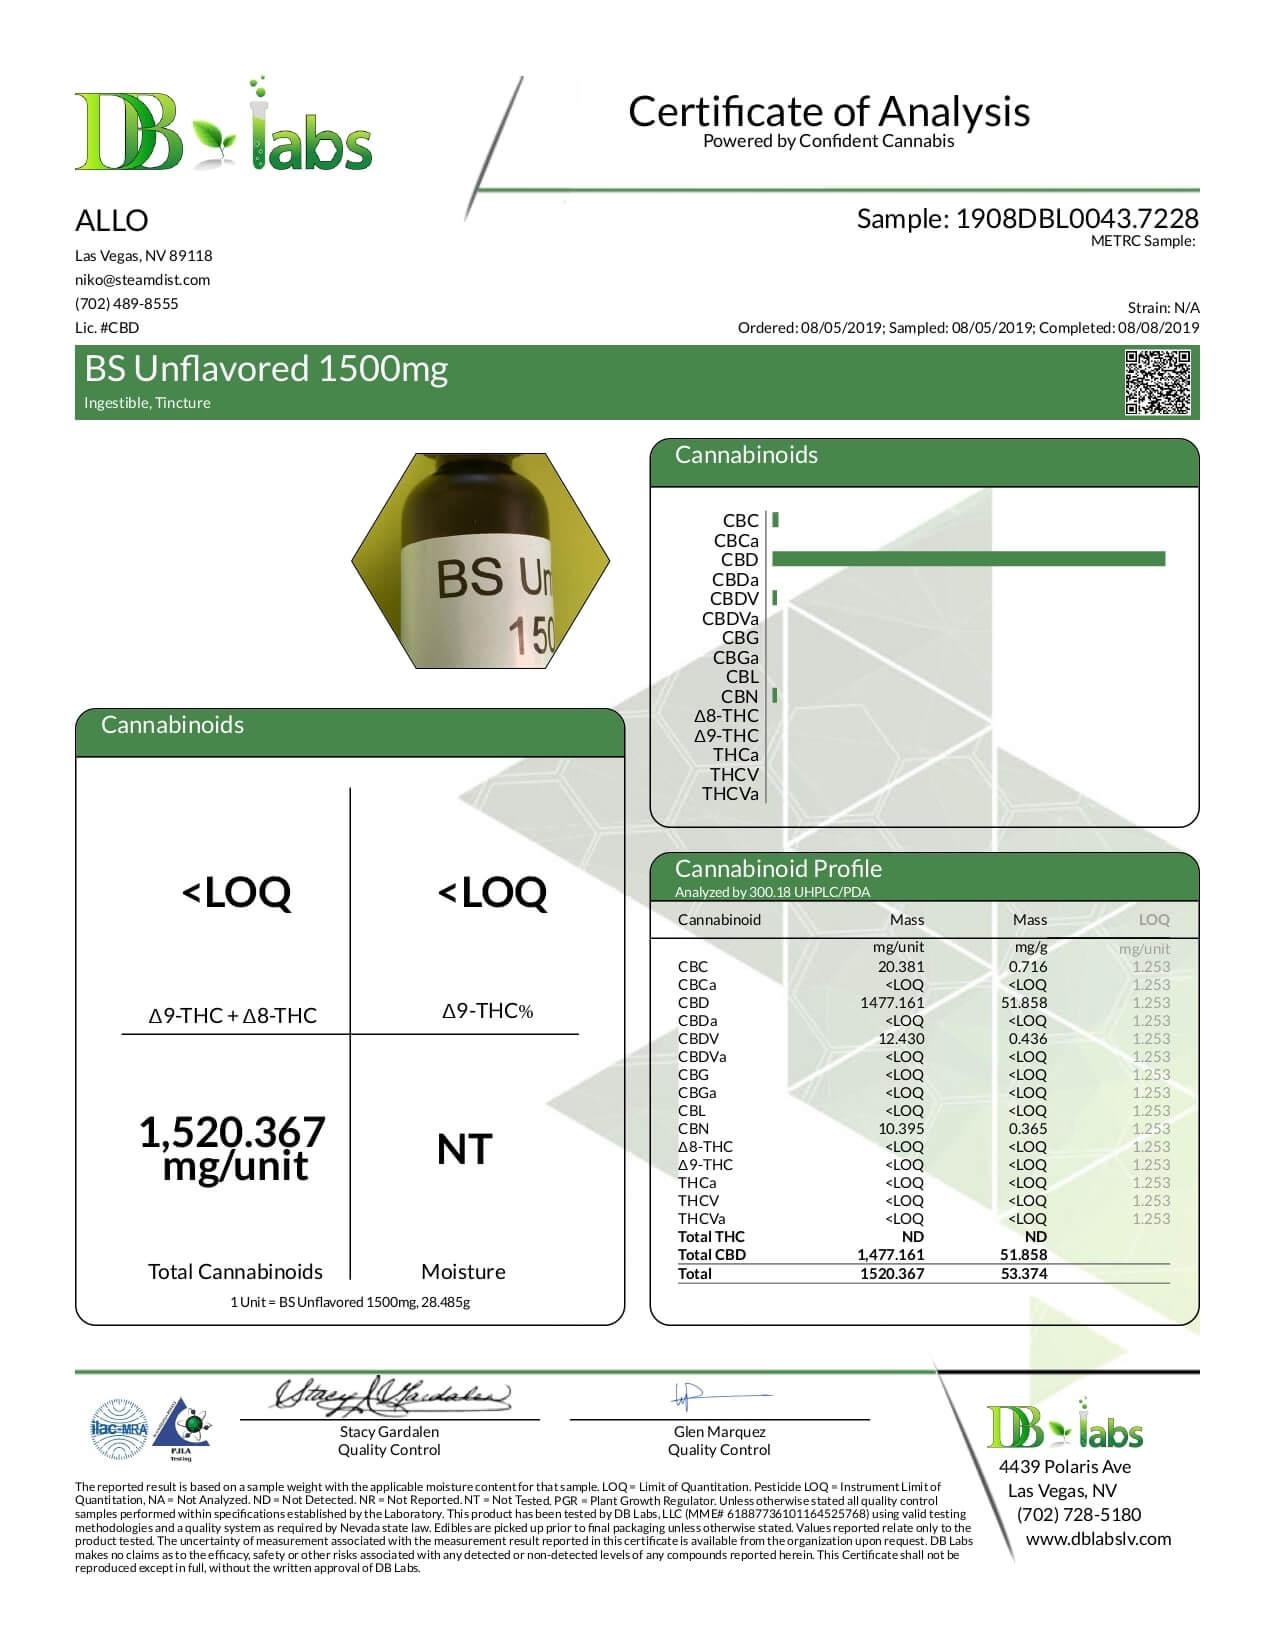 ALLO CBD Tincture Unflavored Lab Report 1500mg